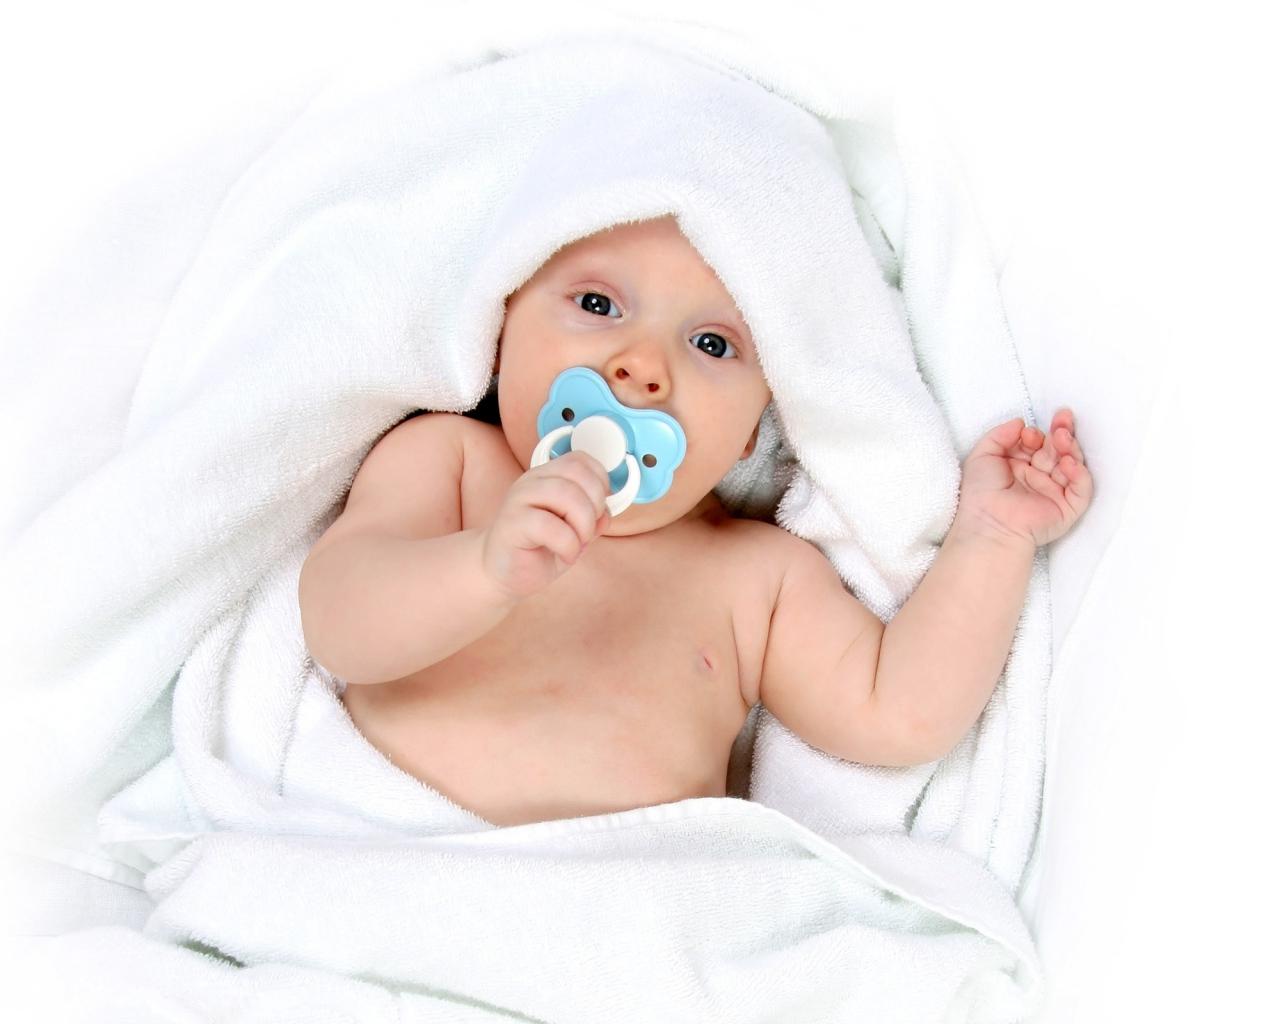 baby_pacifier_blanket_64415_1280x1024